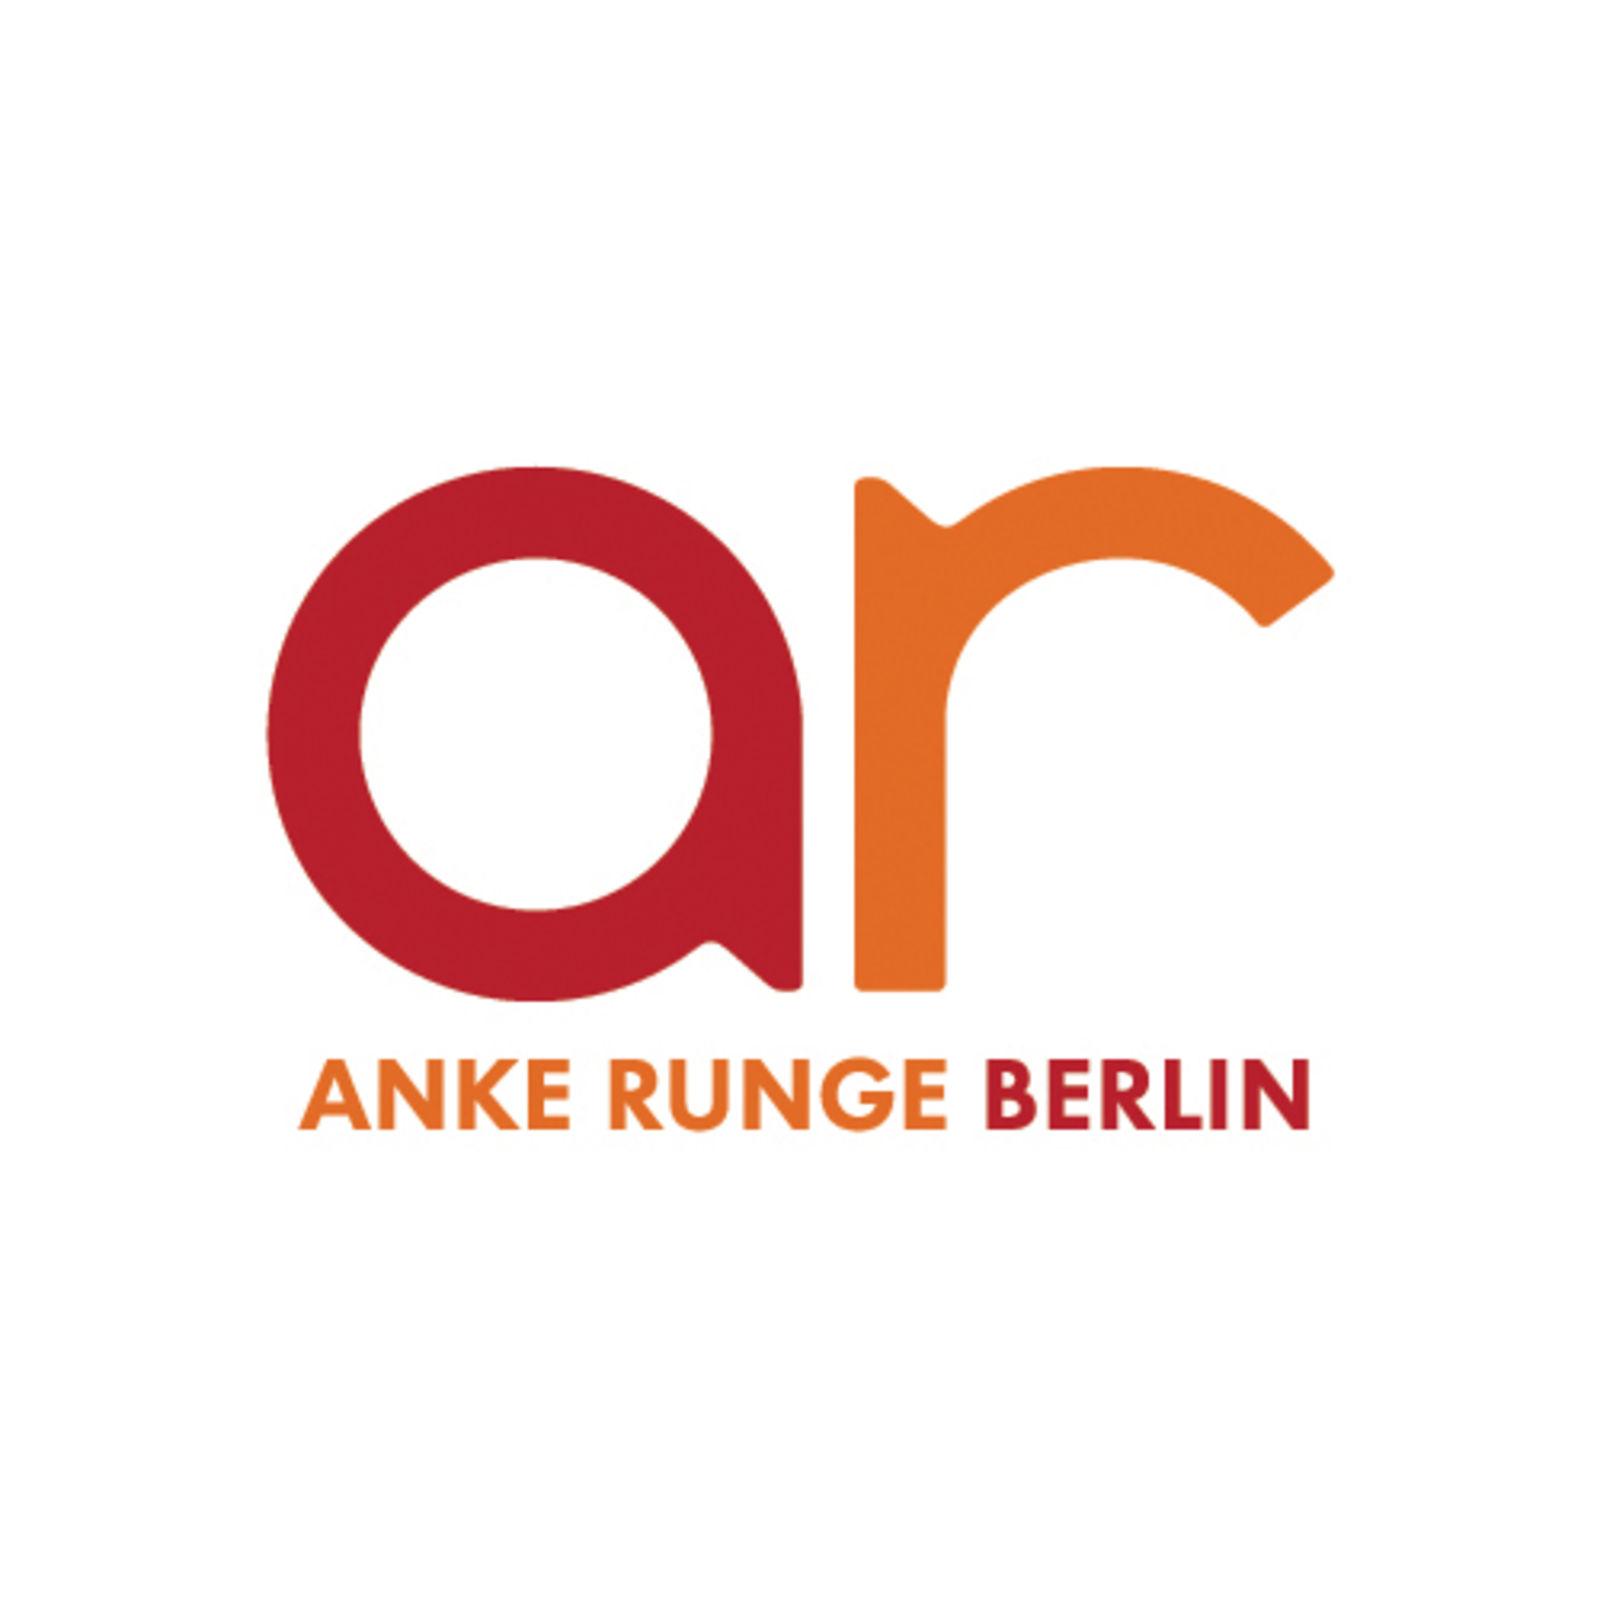 Anke Runge Berlin (Bild 1)